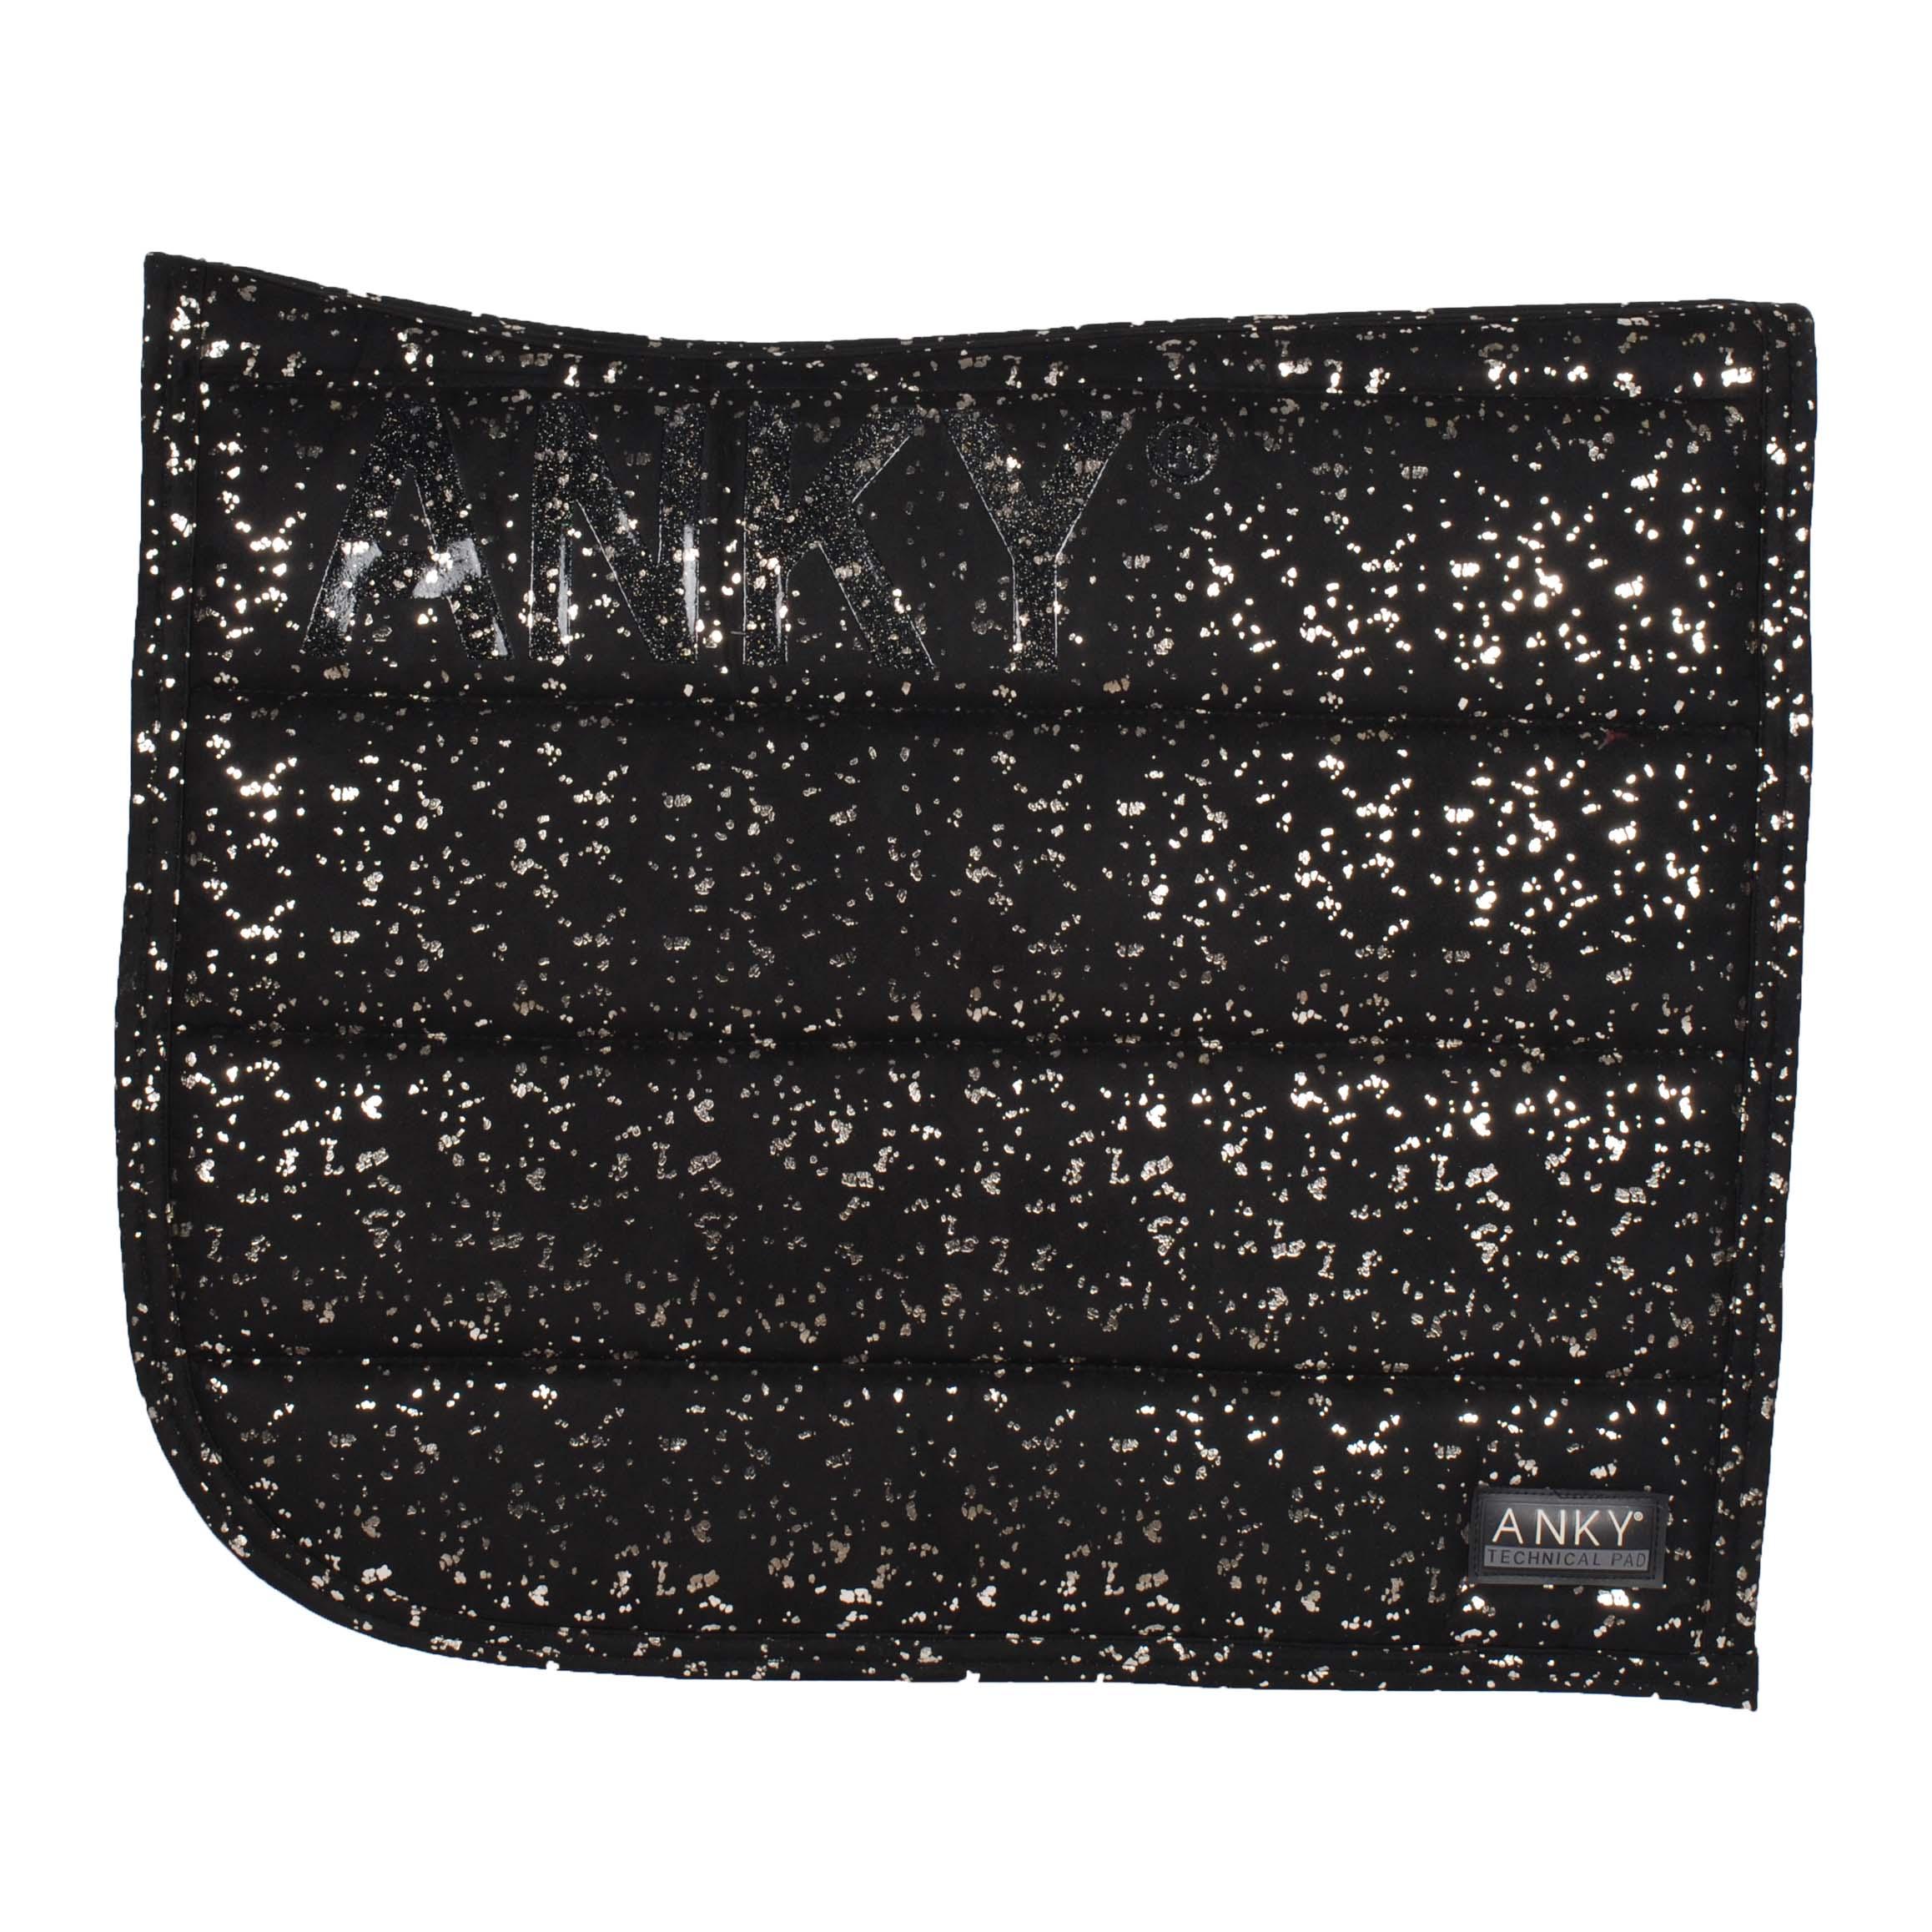 ANKY XB202110 Spark zadeldek zwart maat:dr full